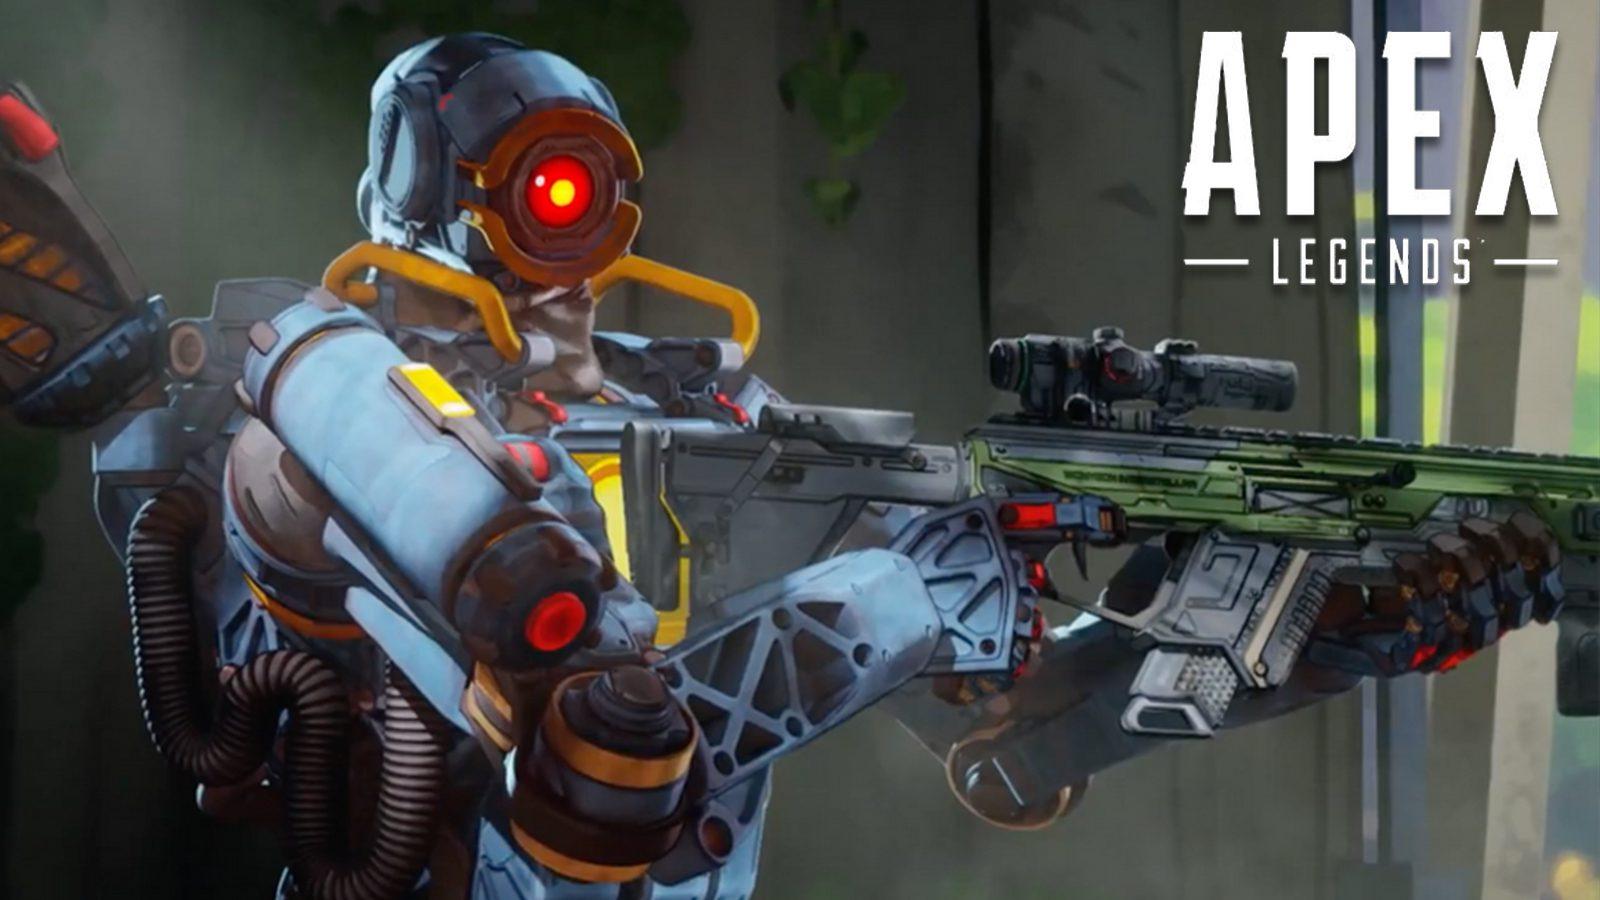 كيفية تحميل لعبة apex legends للكمبيوتر